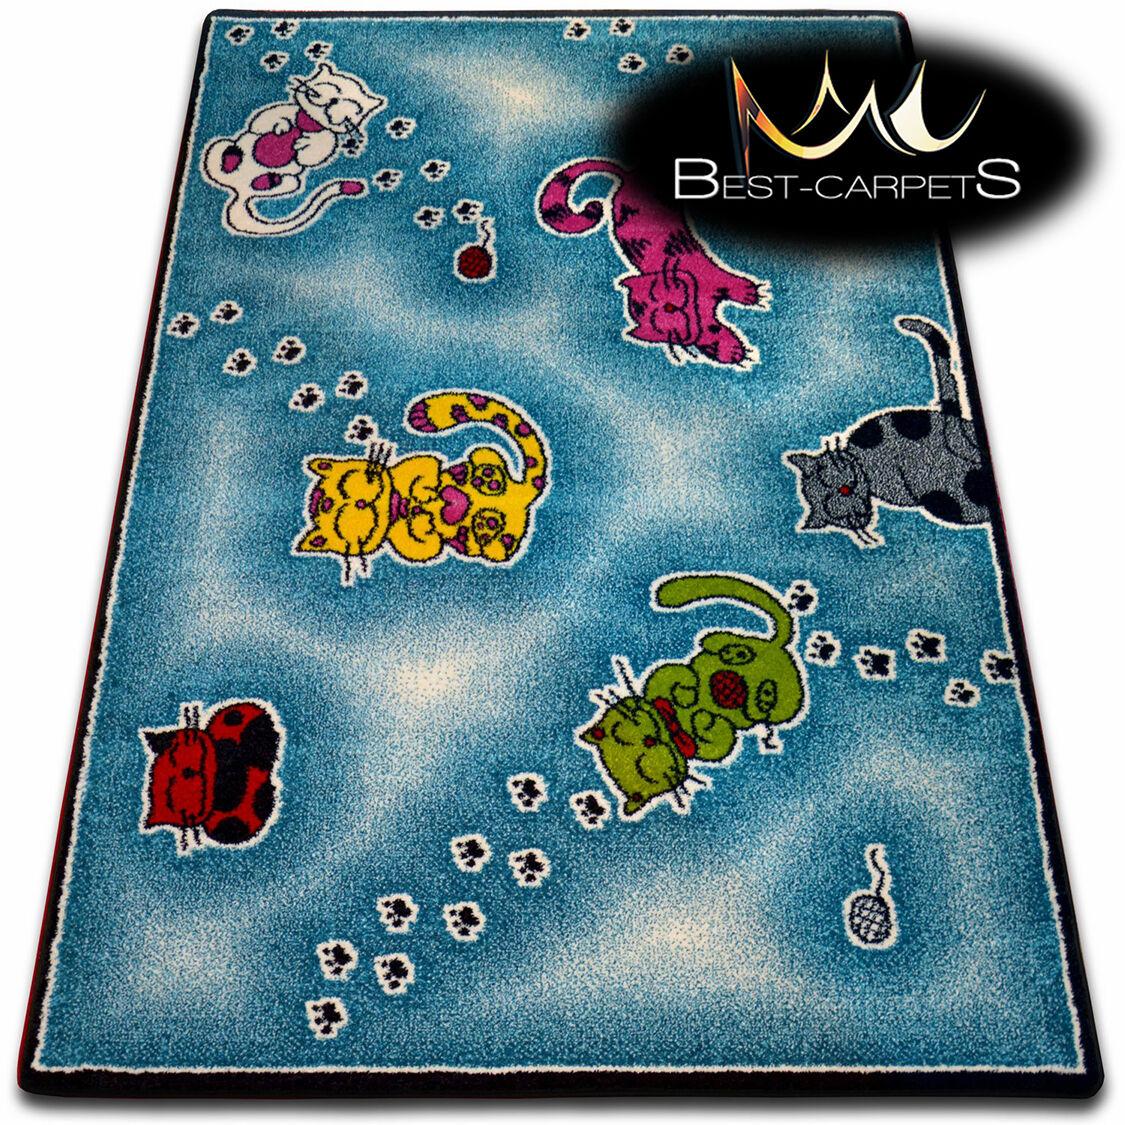 Suaves alfombras Dormitorio Niños Niñas Niños Grueso Alfombra Alfombra Alfombra 'niños gatos Fun Rugs grandes 8b8906